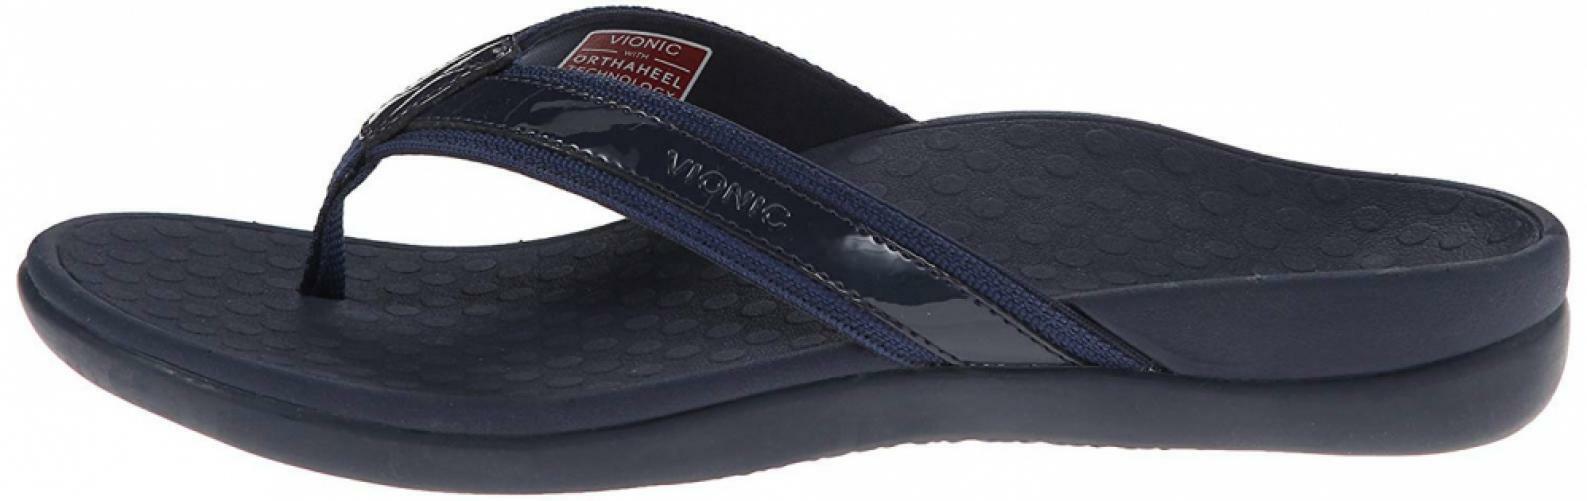 Vionic Vionic Vionic Women's Tide II Toe Post Sandal 4501ef